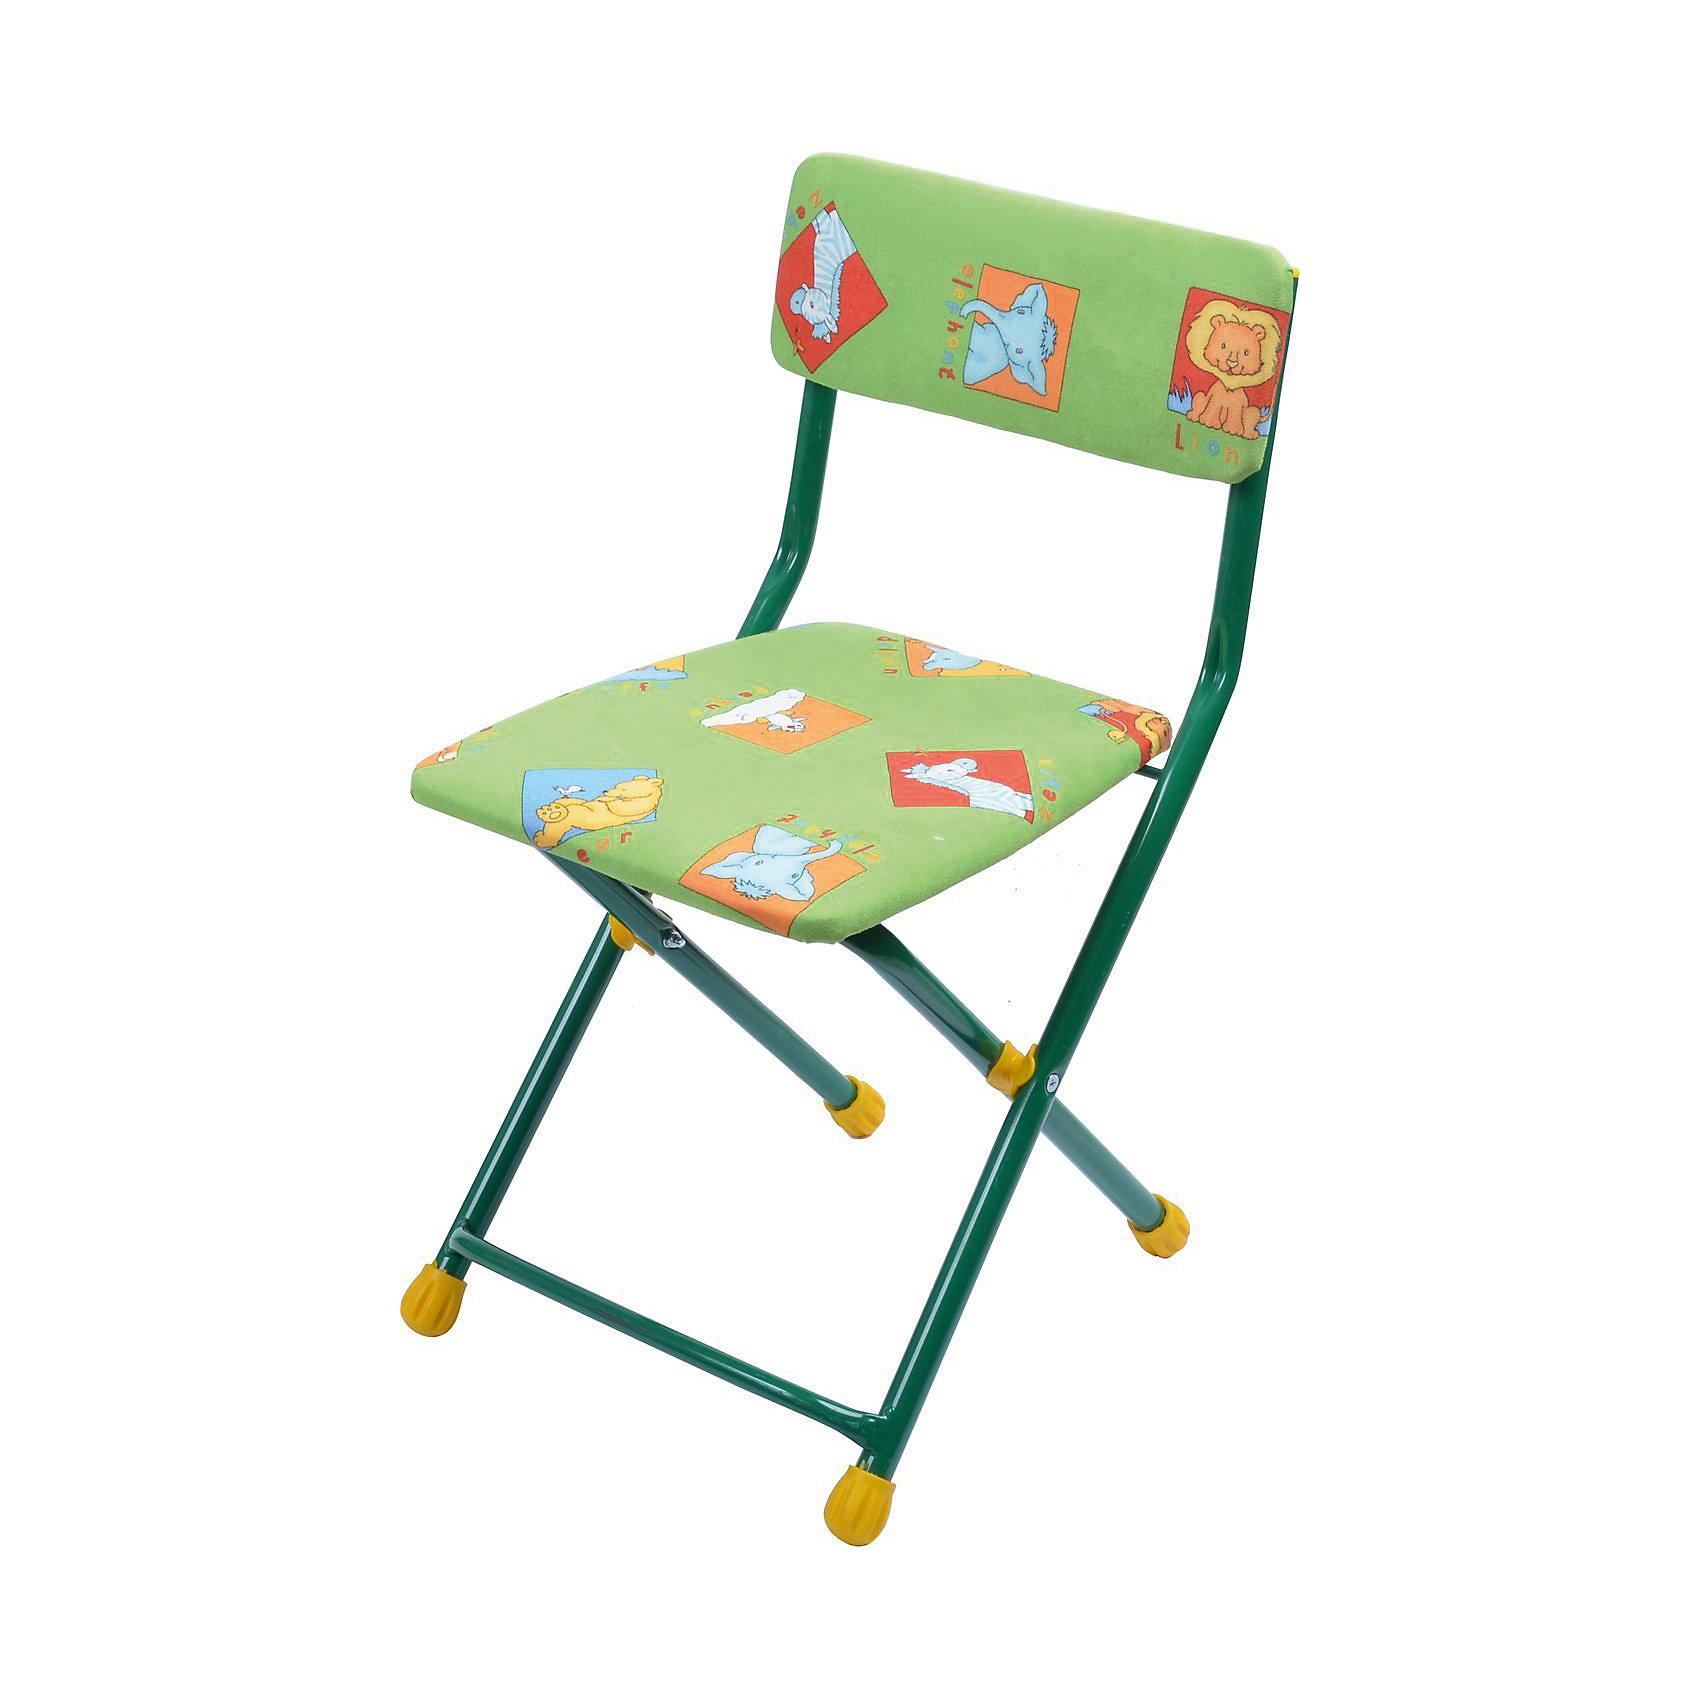 Складной стул с мягким сиденьем КУ1 Звери, Ника, зеленыйДетские столы и стулья<br>Характеристики товара:<br><br>• цвет: зеленый<br>• материал: металл, пластик, текстиль<br>• сиденье: 310х270 мм<br>• высота до сиденья: 320 мм<br>• высота со спинкой 570 мм<br>• на ножках пластмассовые наконечники<br>• складной<br>• на сиденье мягкая обивка из флока <br>• возраст: от 3 до 7 лет<br>• страна бренда: Российская Федерация<br>• страна производства: Российская Федерация<br><br>Детская мебель может быть удобной и эргономичной! Этот стул разработан специально для детей от трех до семи лет. Он легко складывается и раскладывается, занимает немного места. Сиденье обито мягким флоком, а на ножках стула установлены пластмассовые наконечники для защиты напольного покрытия. Отличное решение для игр, творчества и обучения!<br>Правильно подобранная мебель помогает ребенку расти здоровым, формироваться правильной осанке. Изделие производится из качественных сертифицированных материалов, безопасных даже для самых маленьких.<br><br>Складной стул с мягким сиденьем КУ1 Звери, зеленый от бренда Ника можно купить в нашем интернет-магазине.<br><br>Ширина мм: 700<br>Глубина мм: 160<br>Высота мм: 330<br>Вес г: 2520<br>Возраст от месяцев: 36<br>Возраст до месяцев: 84<br>Пол: Унисекс<br>Возраст: Детский<br>SKU: 5223593